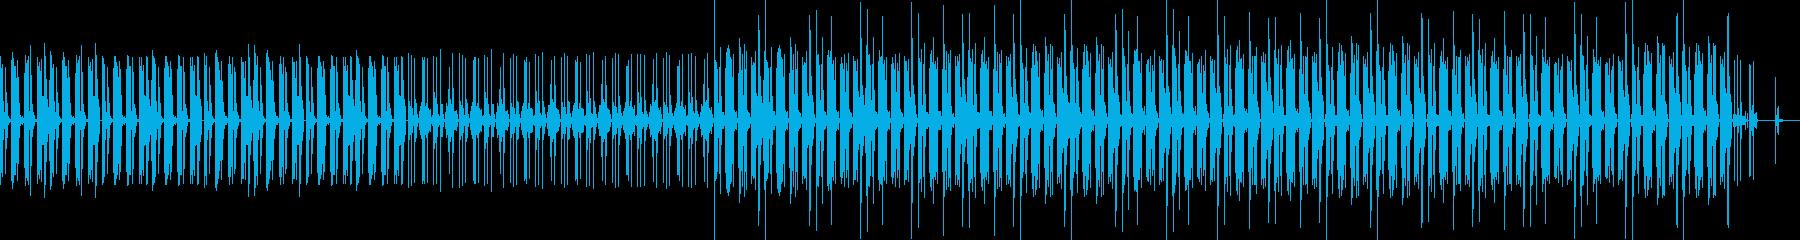 ニュージャズ、エレクトロ、インスト...の再生済みの波形